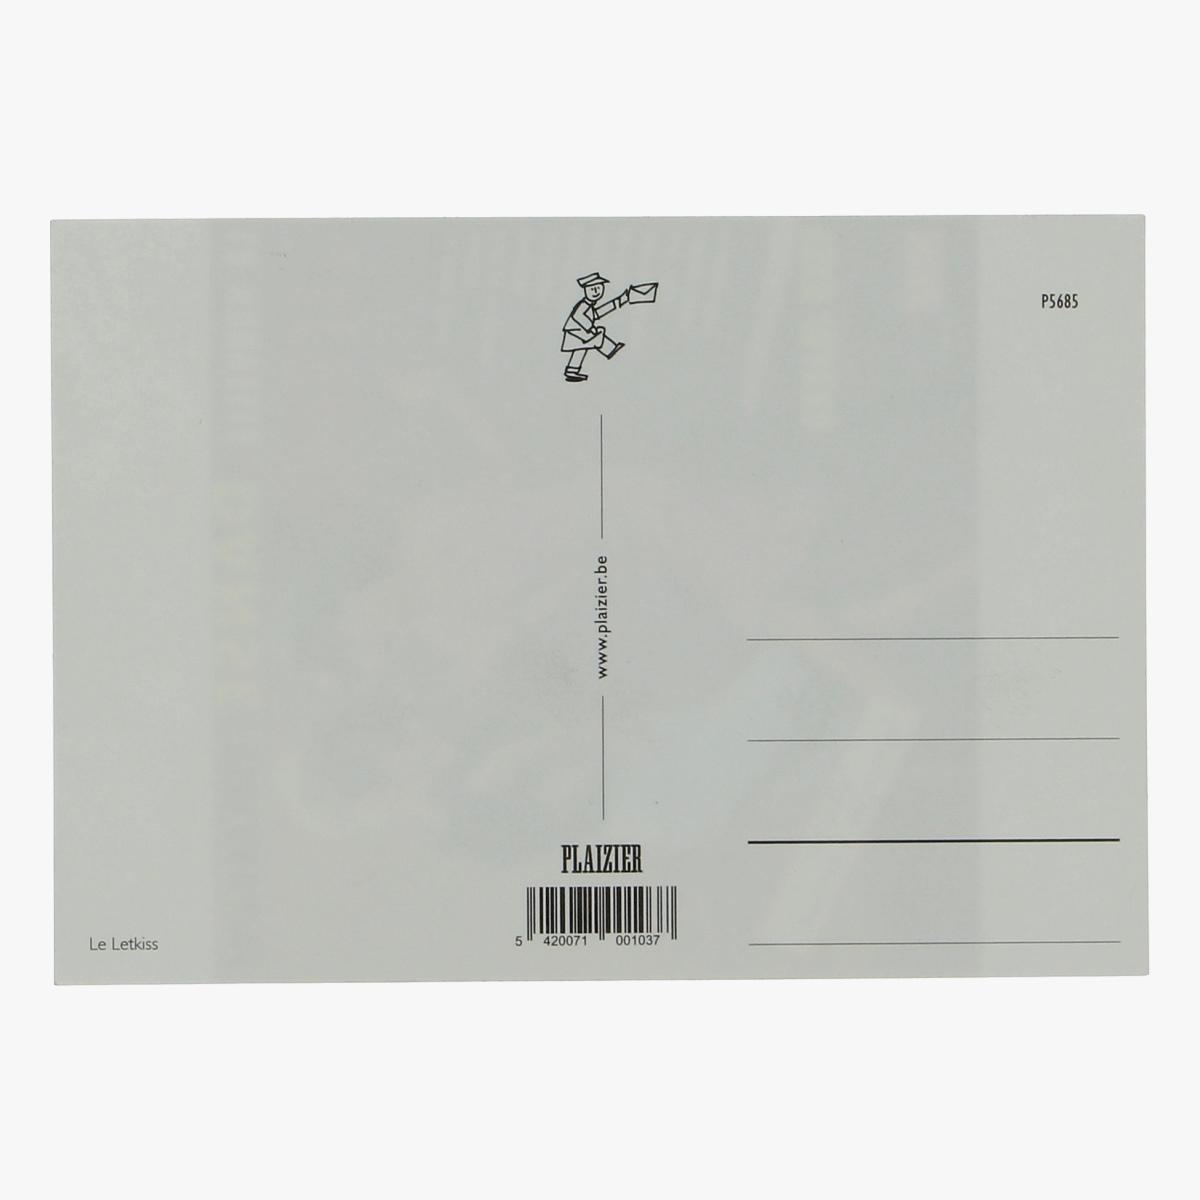 Afbeeldingen van postkaart Le Letkiss repro